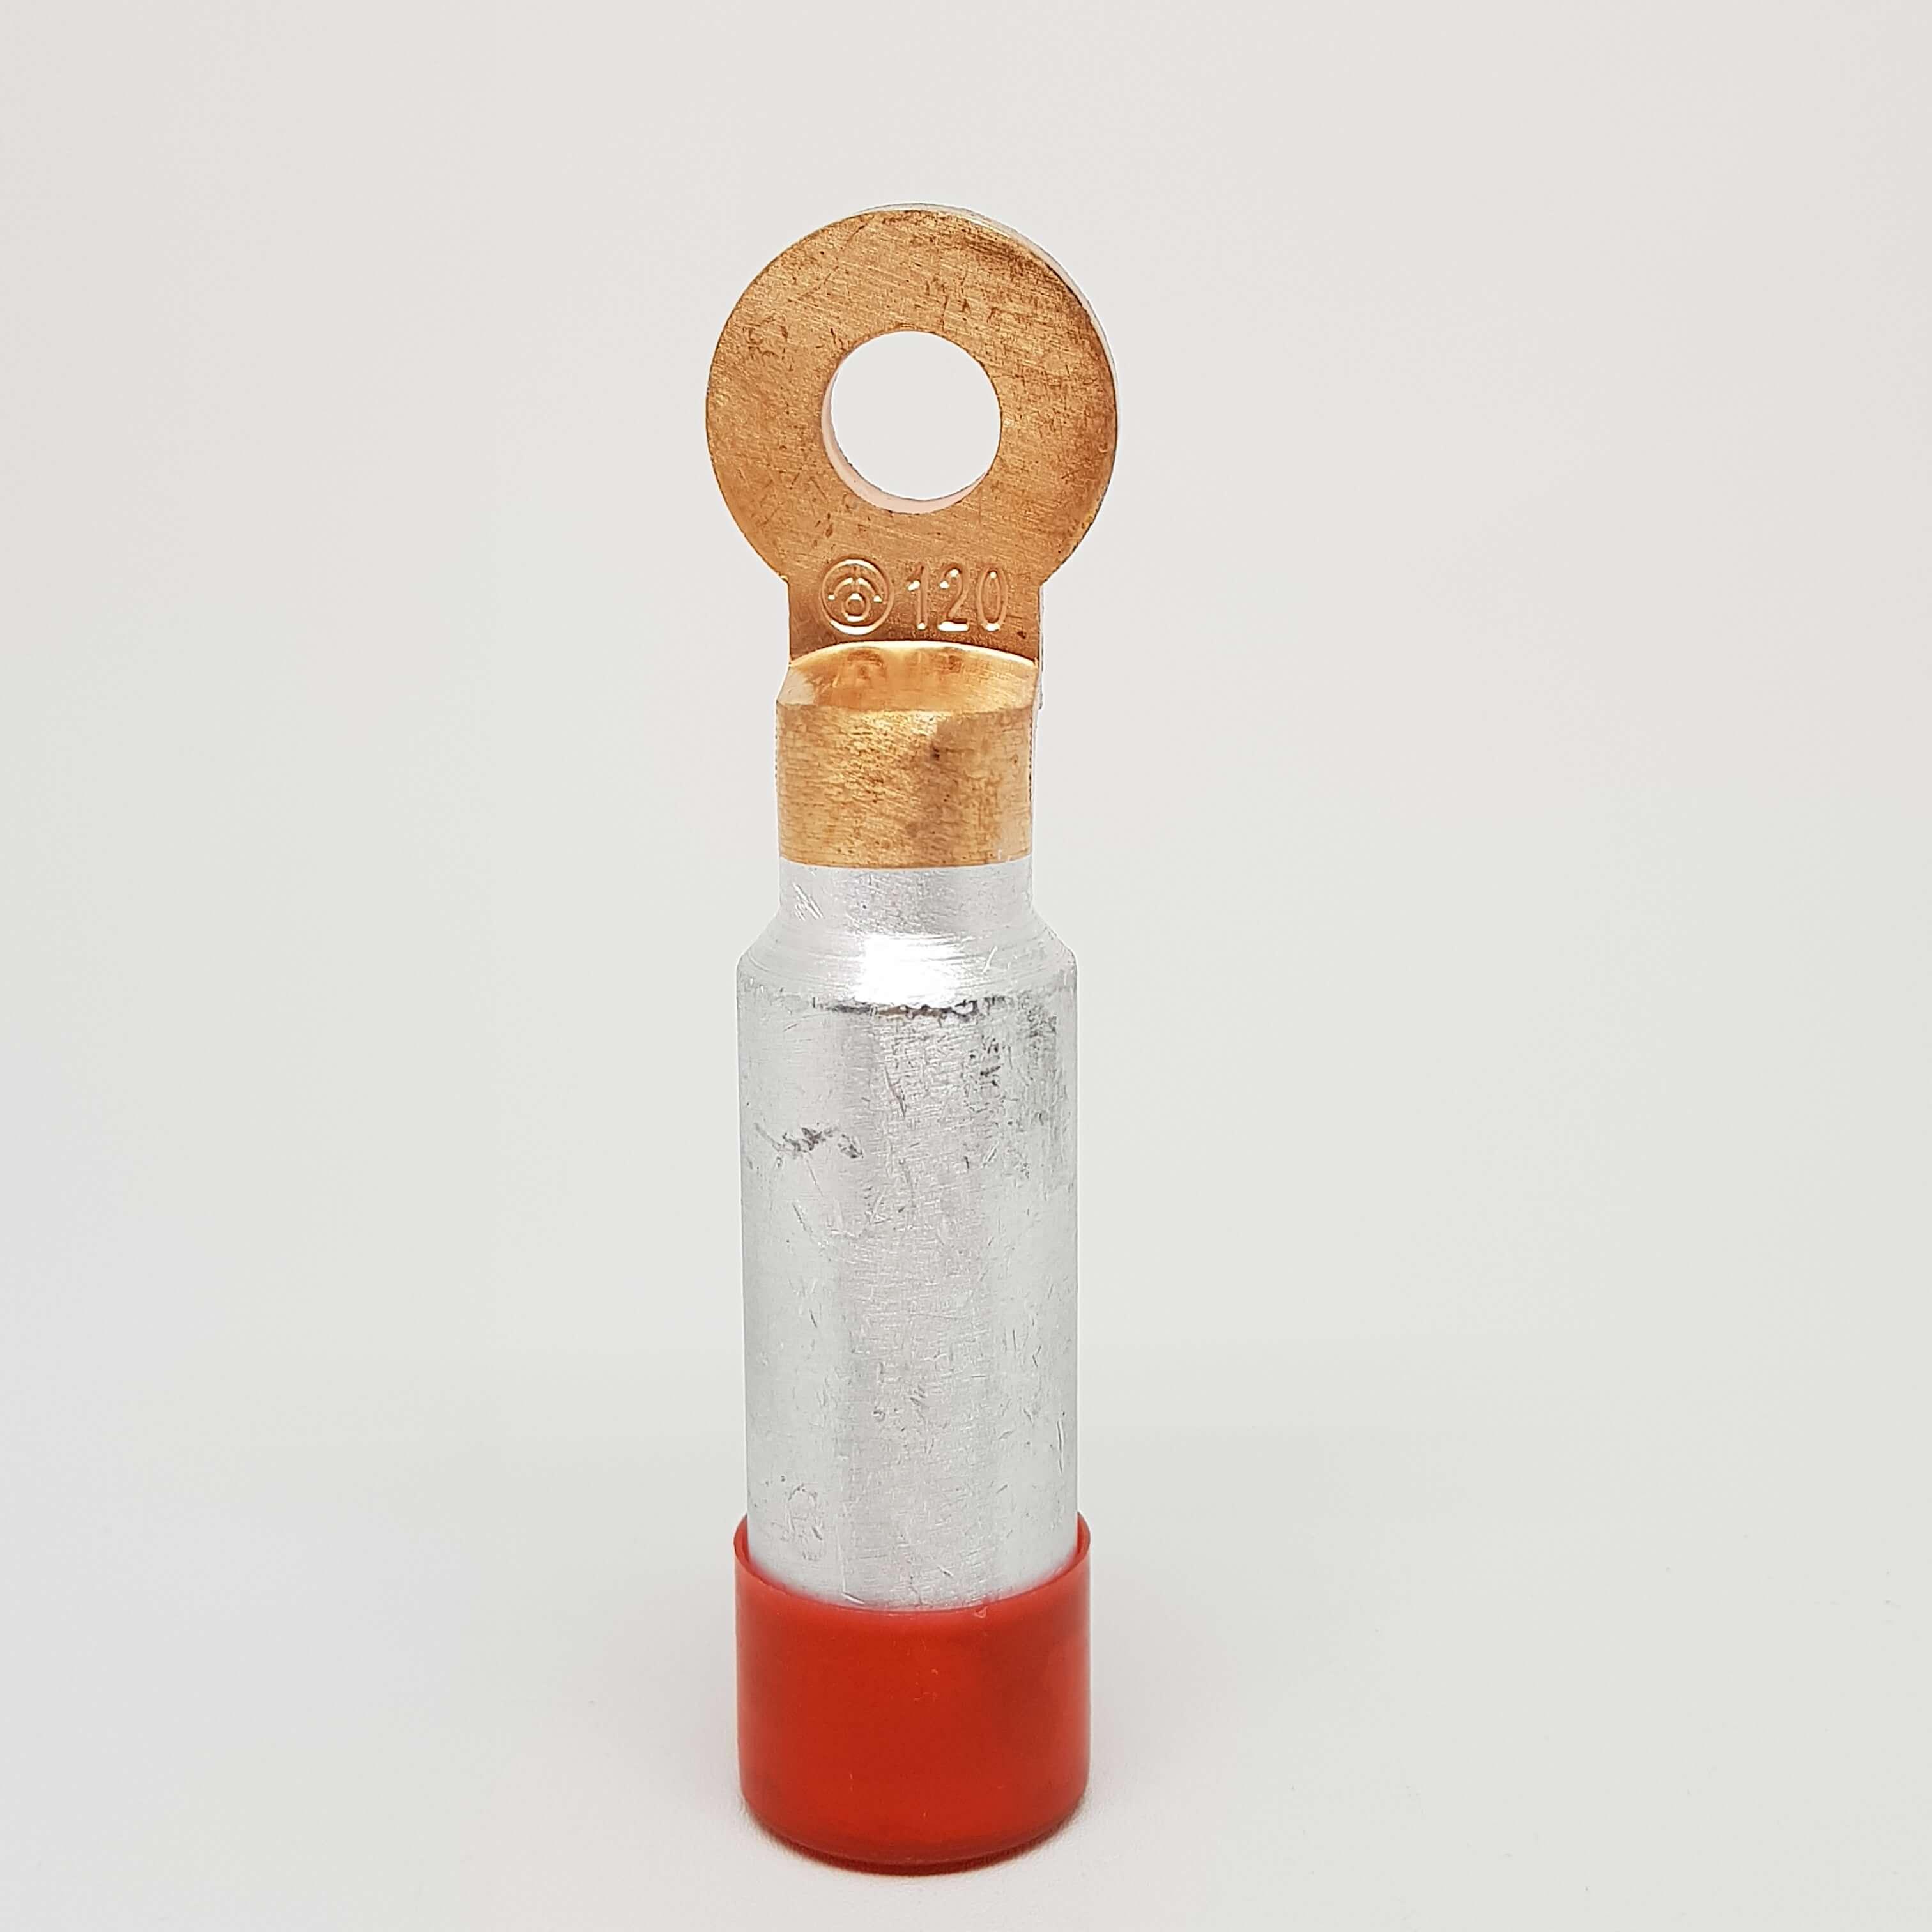 Bimetal-dtl-2-120-gl